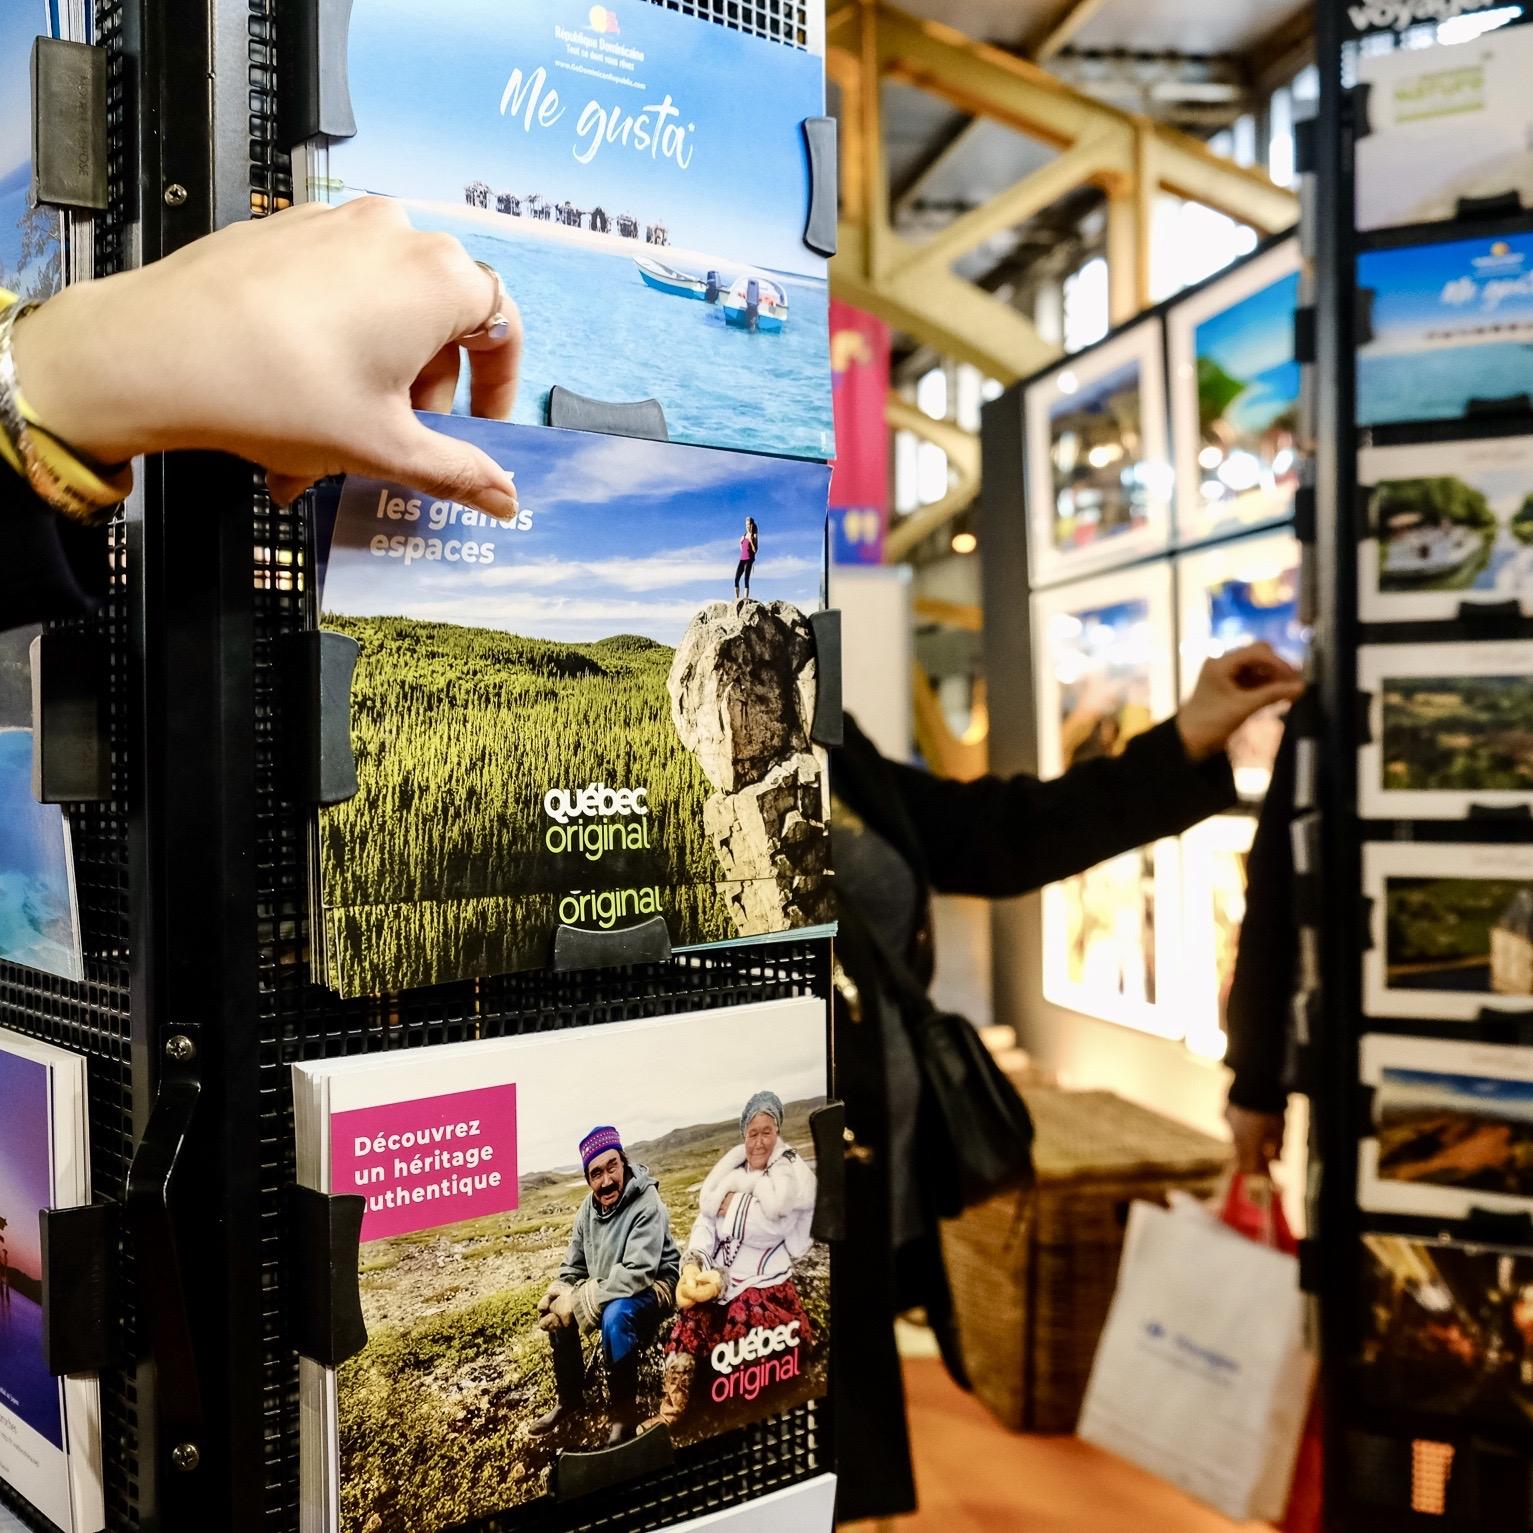 c-01-Carte-a-Voyager-cartes-postales-gratuites-offertes-visiteurs-salons-tourisme-mahana-tourissima-lille-lyon-paris-salon-mondial-du-tourisme-servez-vous